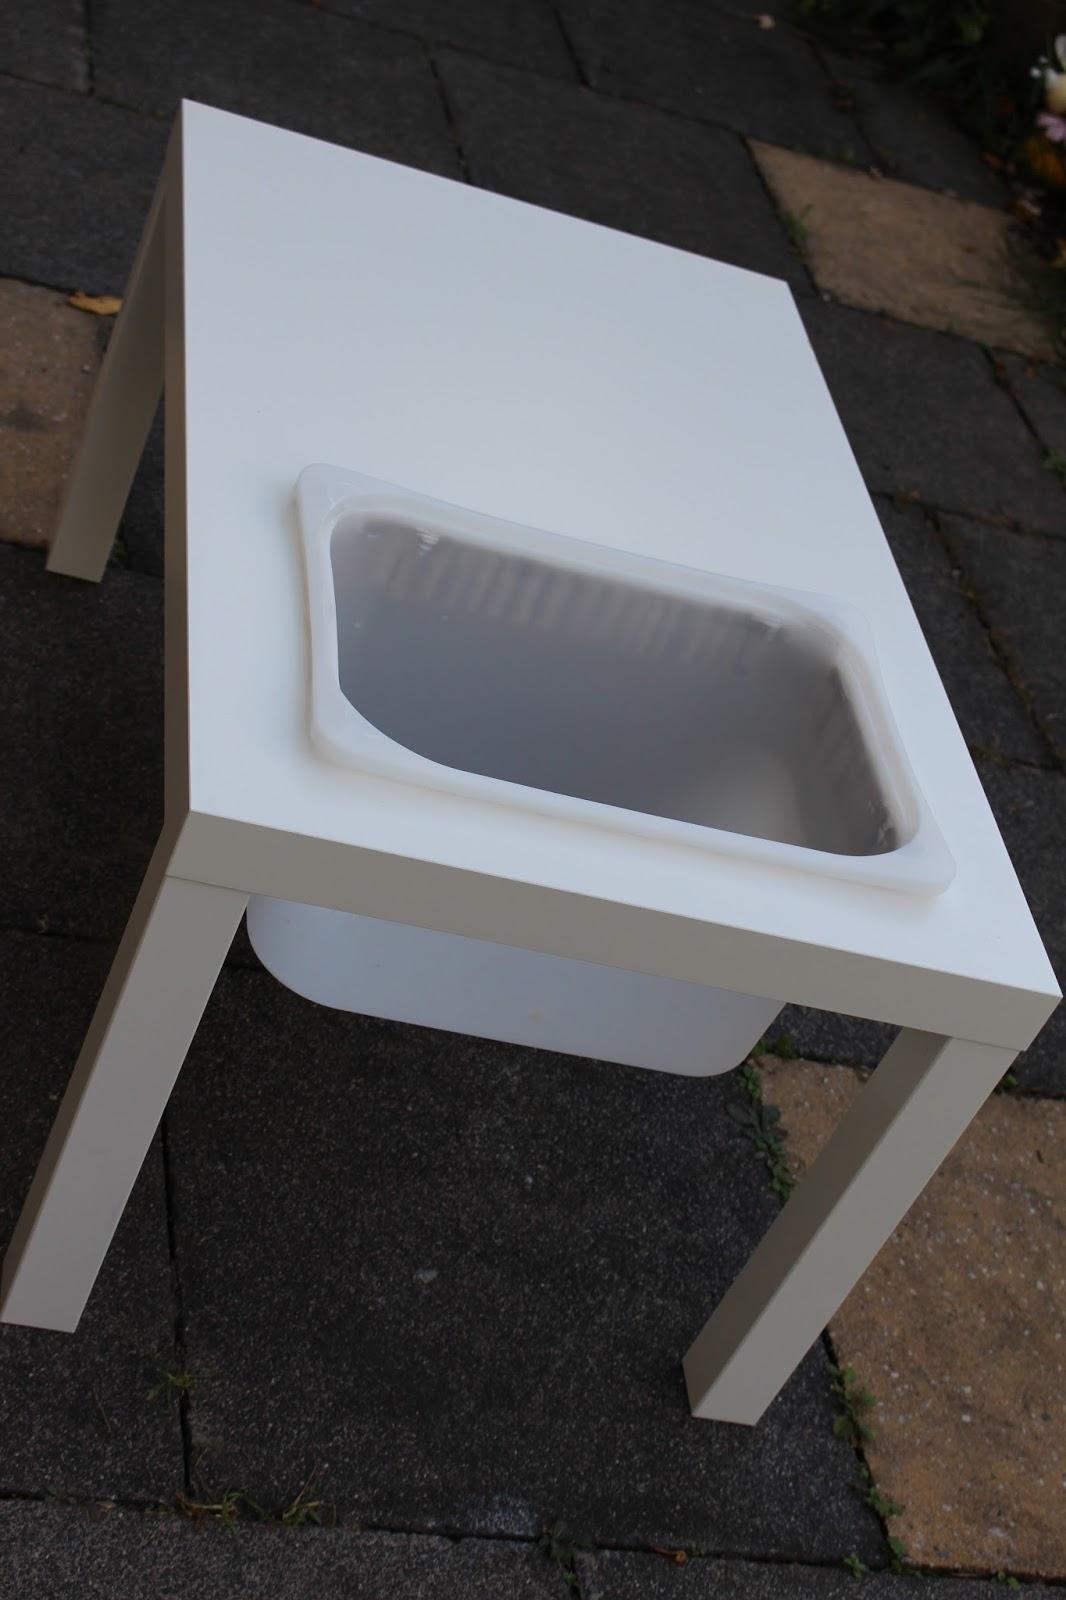 Spieltisch Selber Bauen spieltisch selber bauen hubhausdesign co